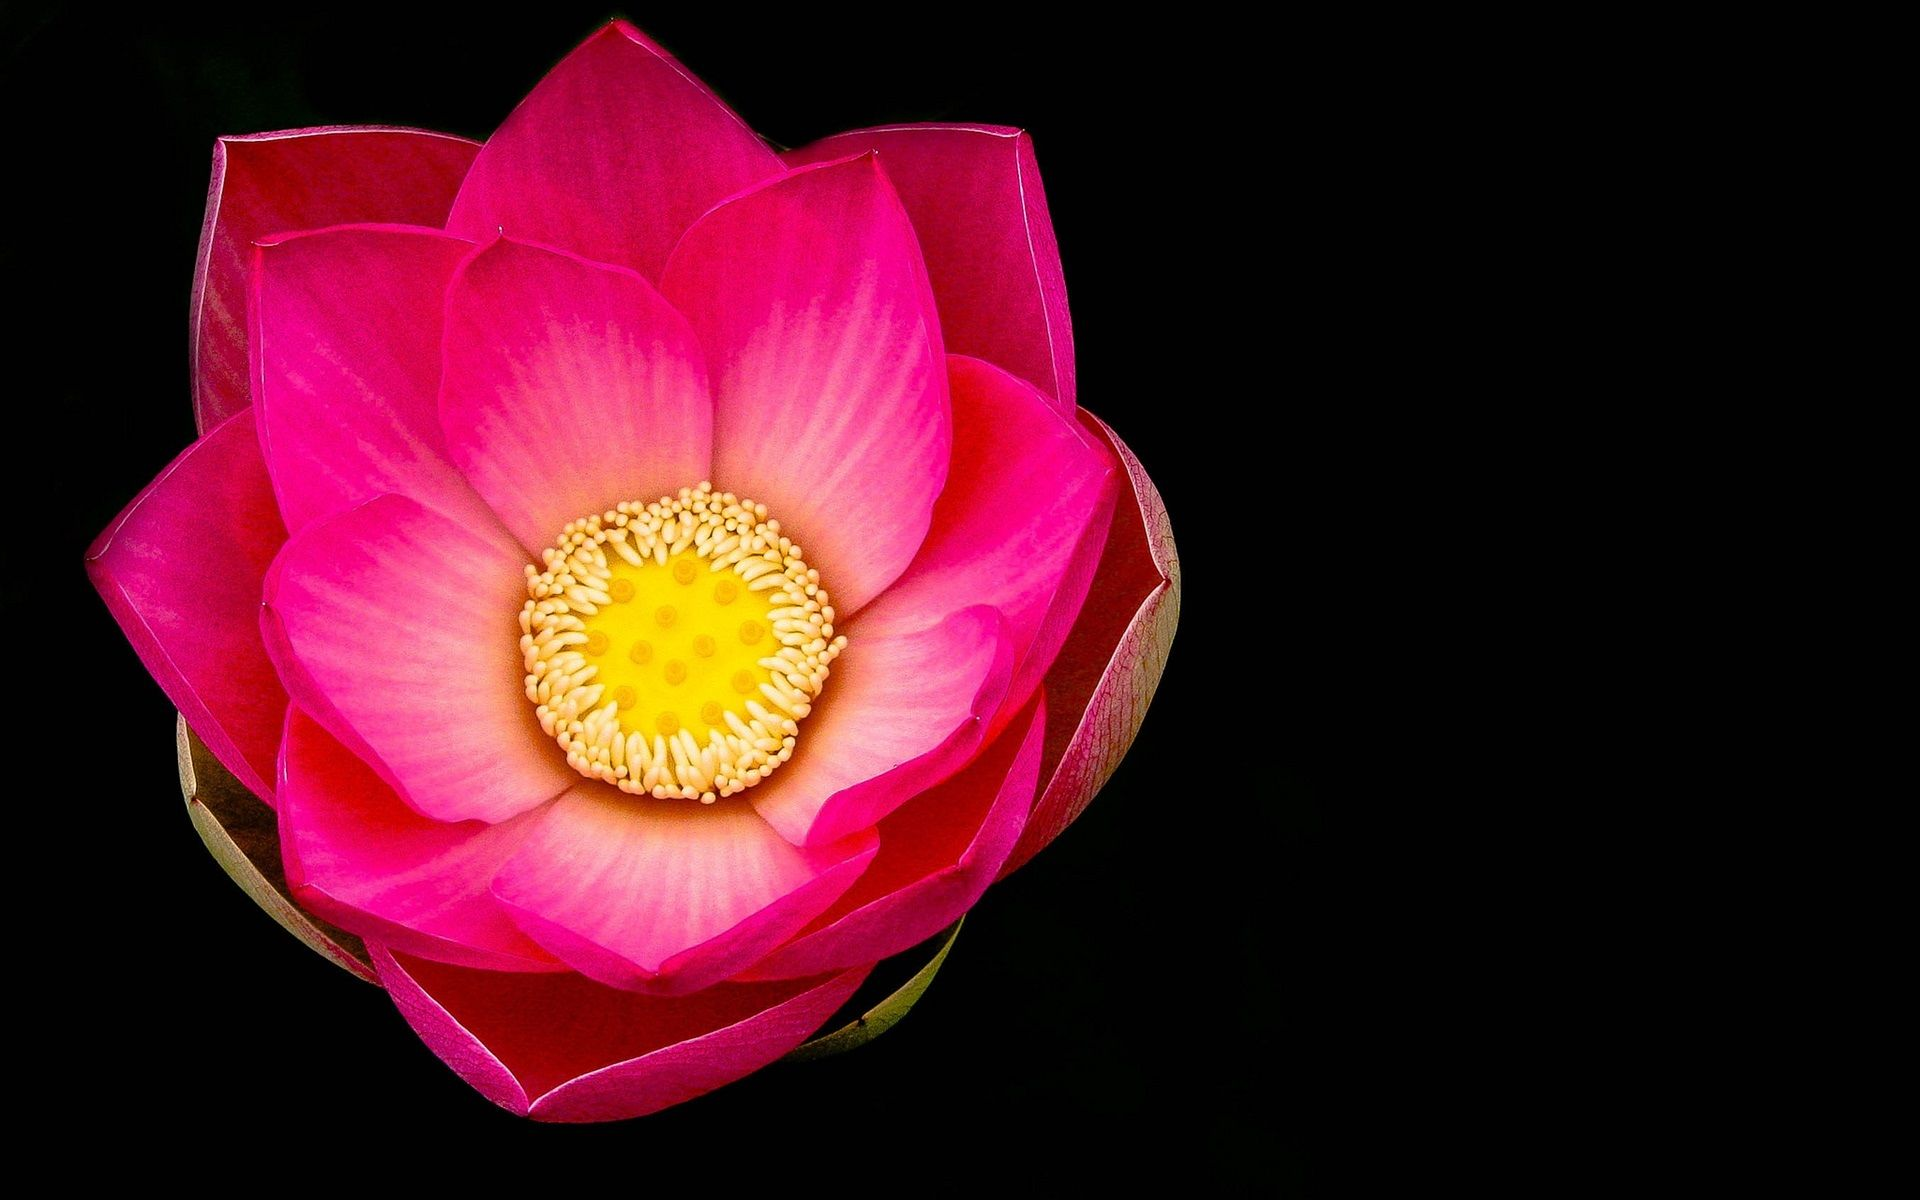 Fleur De Lotus Dijon fleur de lotus rose macro, fond noir fonds d'écran